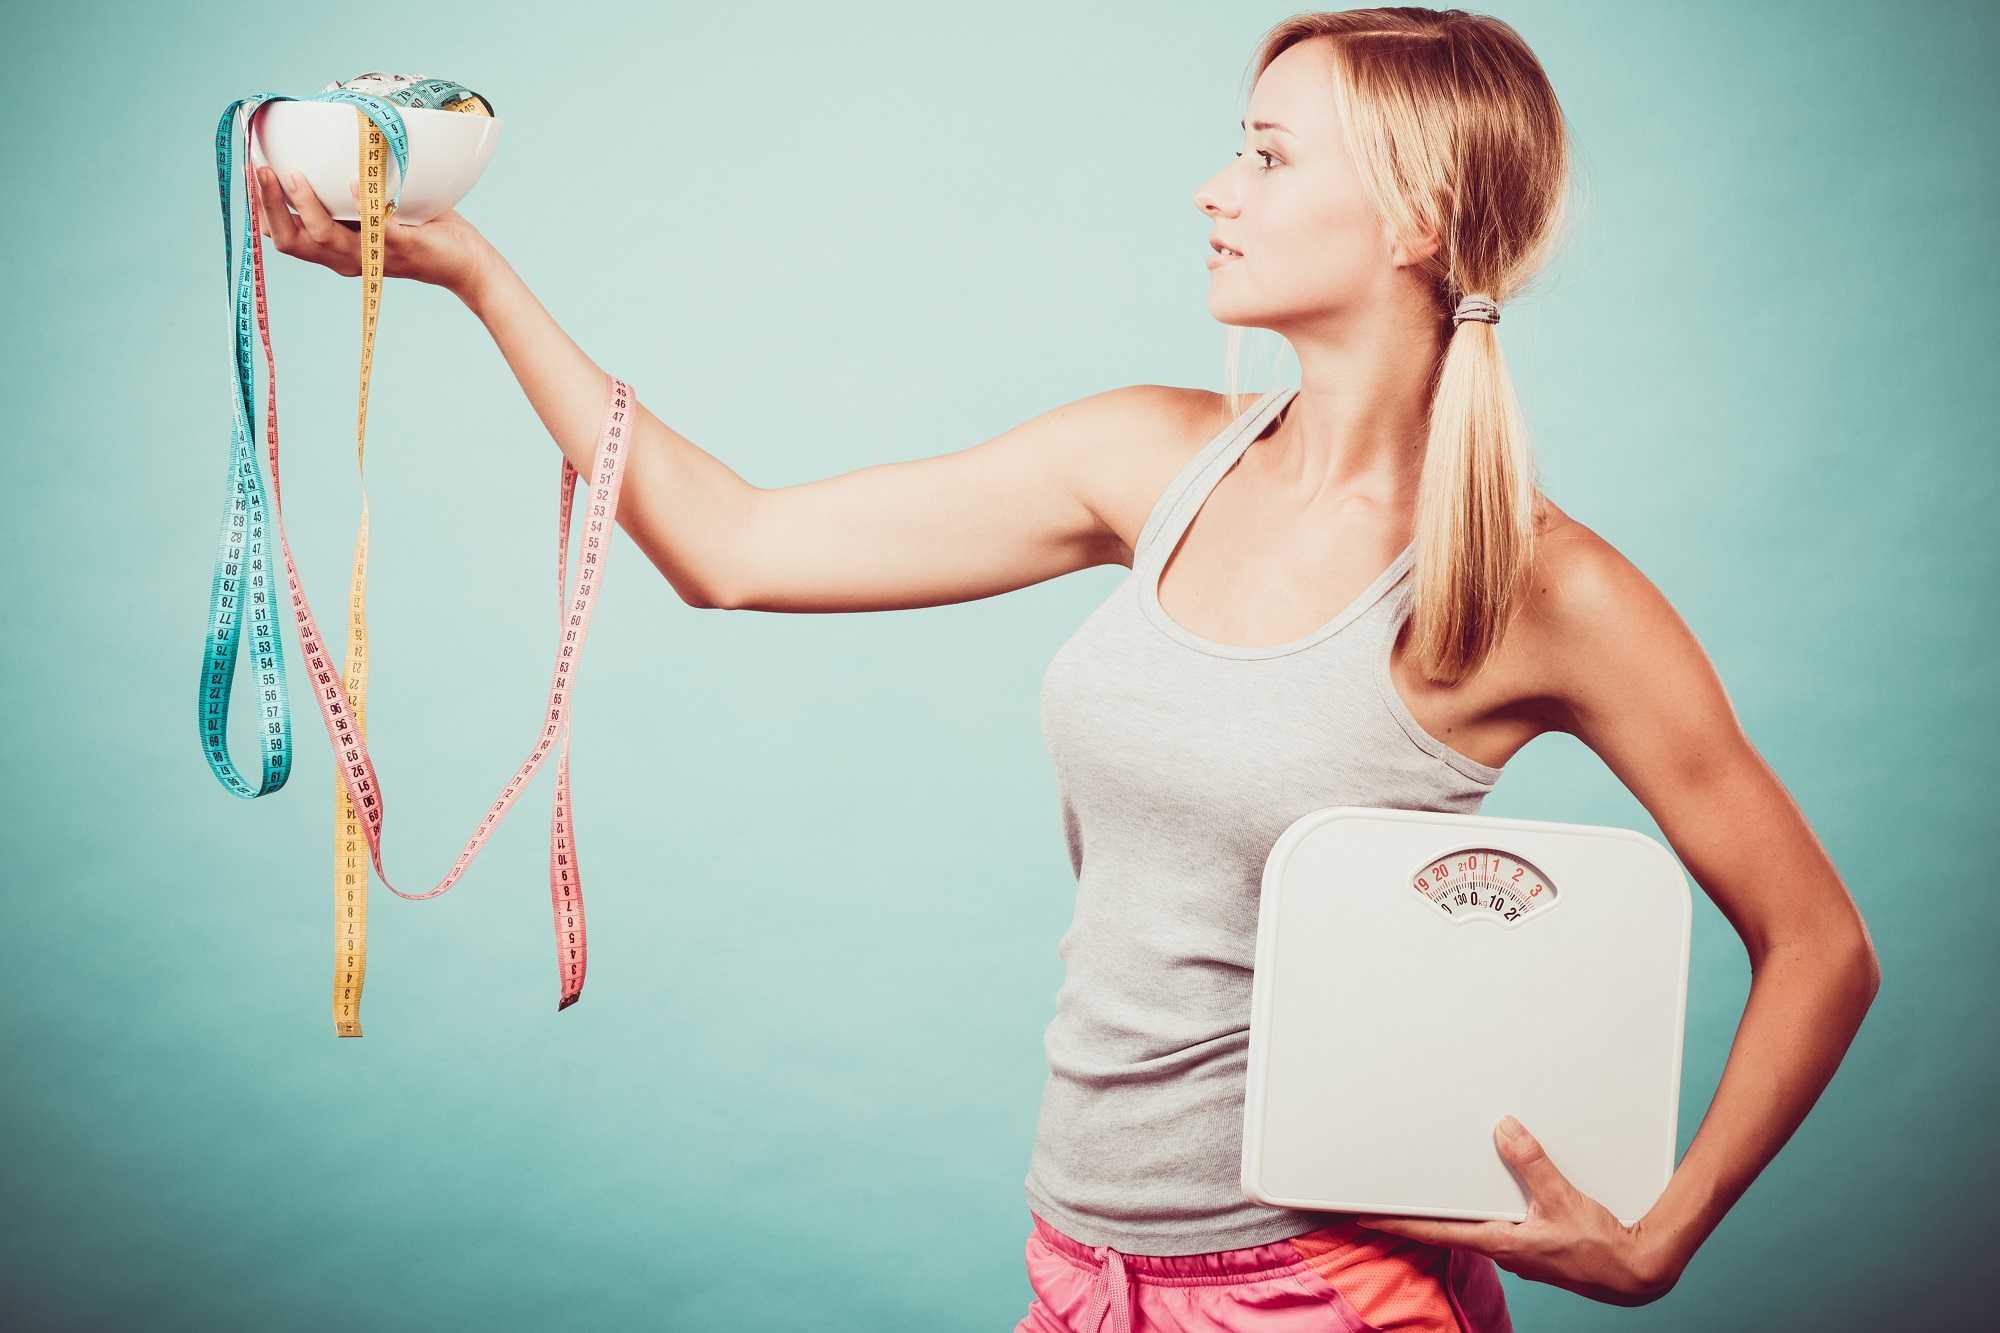 Как удержать вес после похудения и не набрать его вновь, правила питания и образа жизни